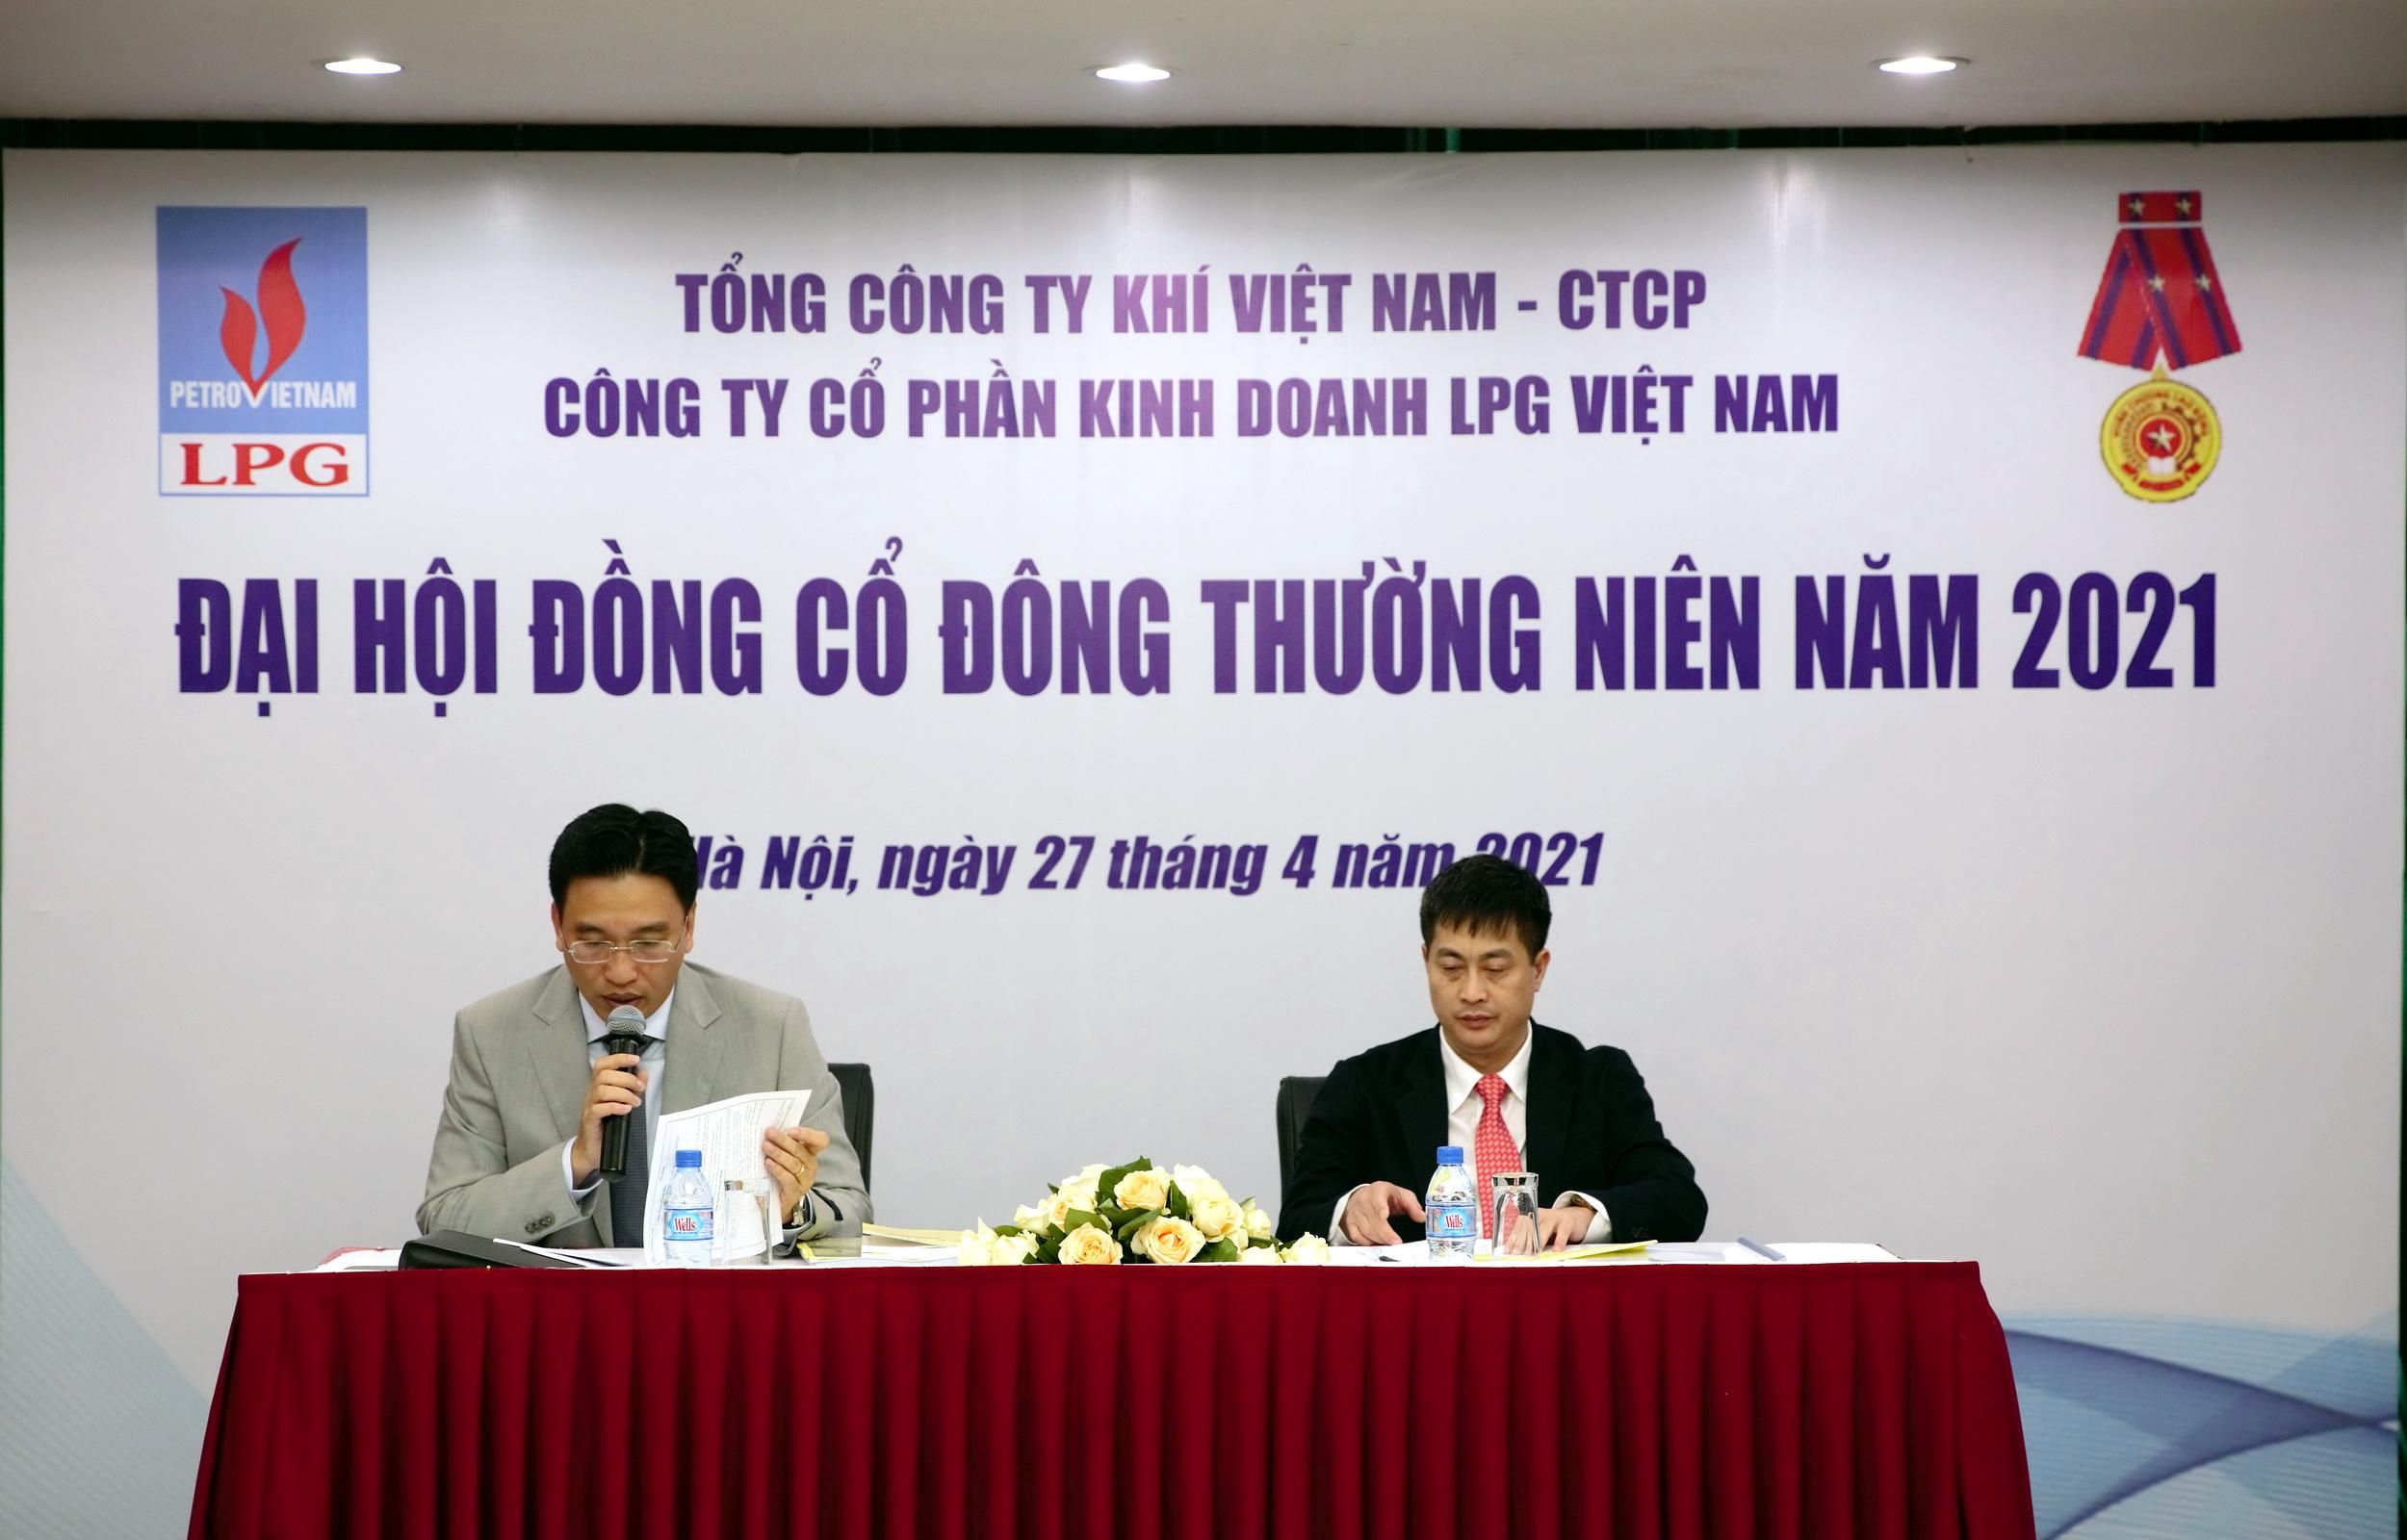 Đoàn Chủ tịch điều hành Cuộc họp ĐHĐCĐ 2021